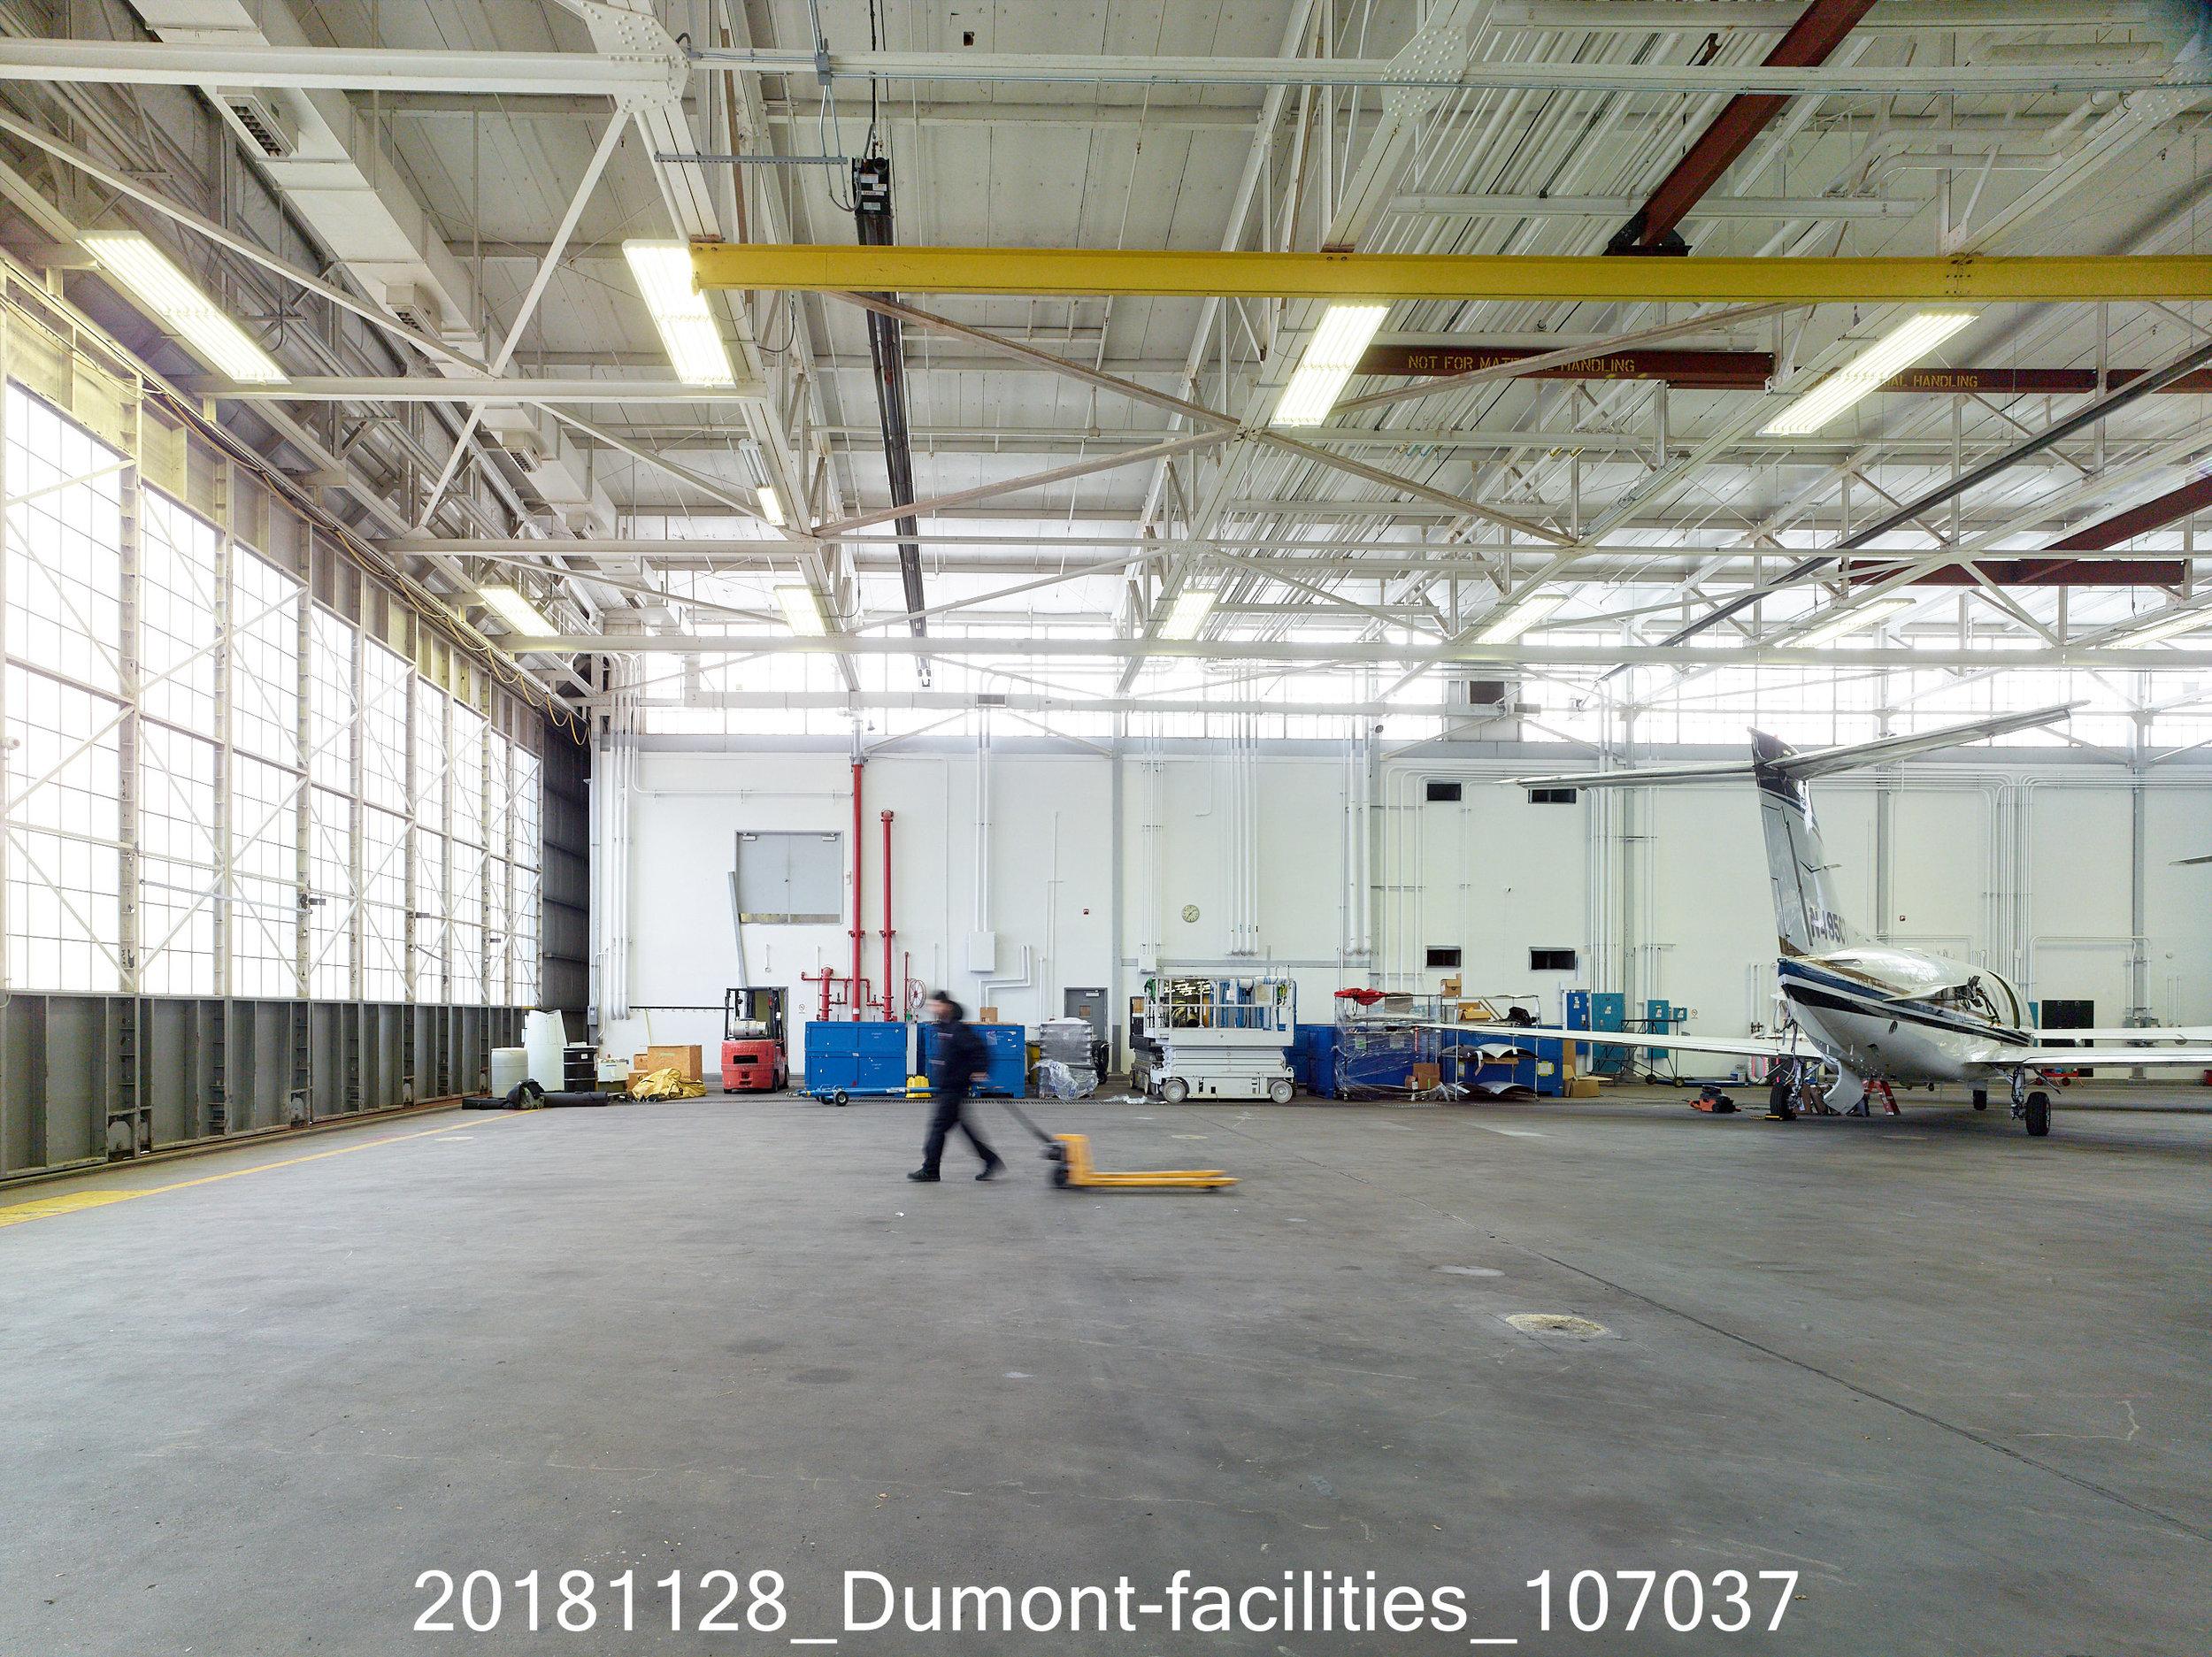 20181128_Dumont-facilities_107037.jpg